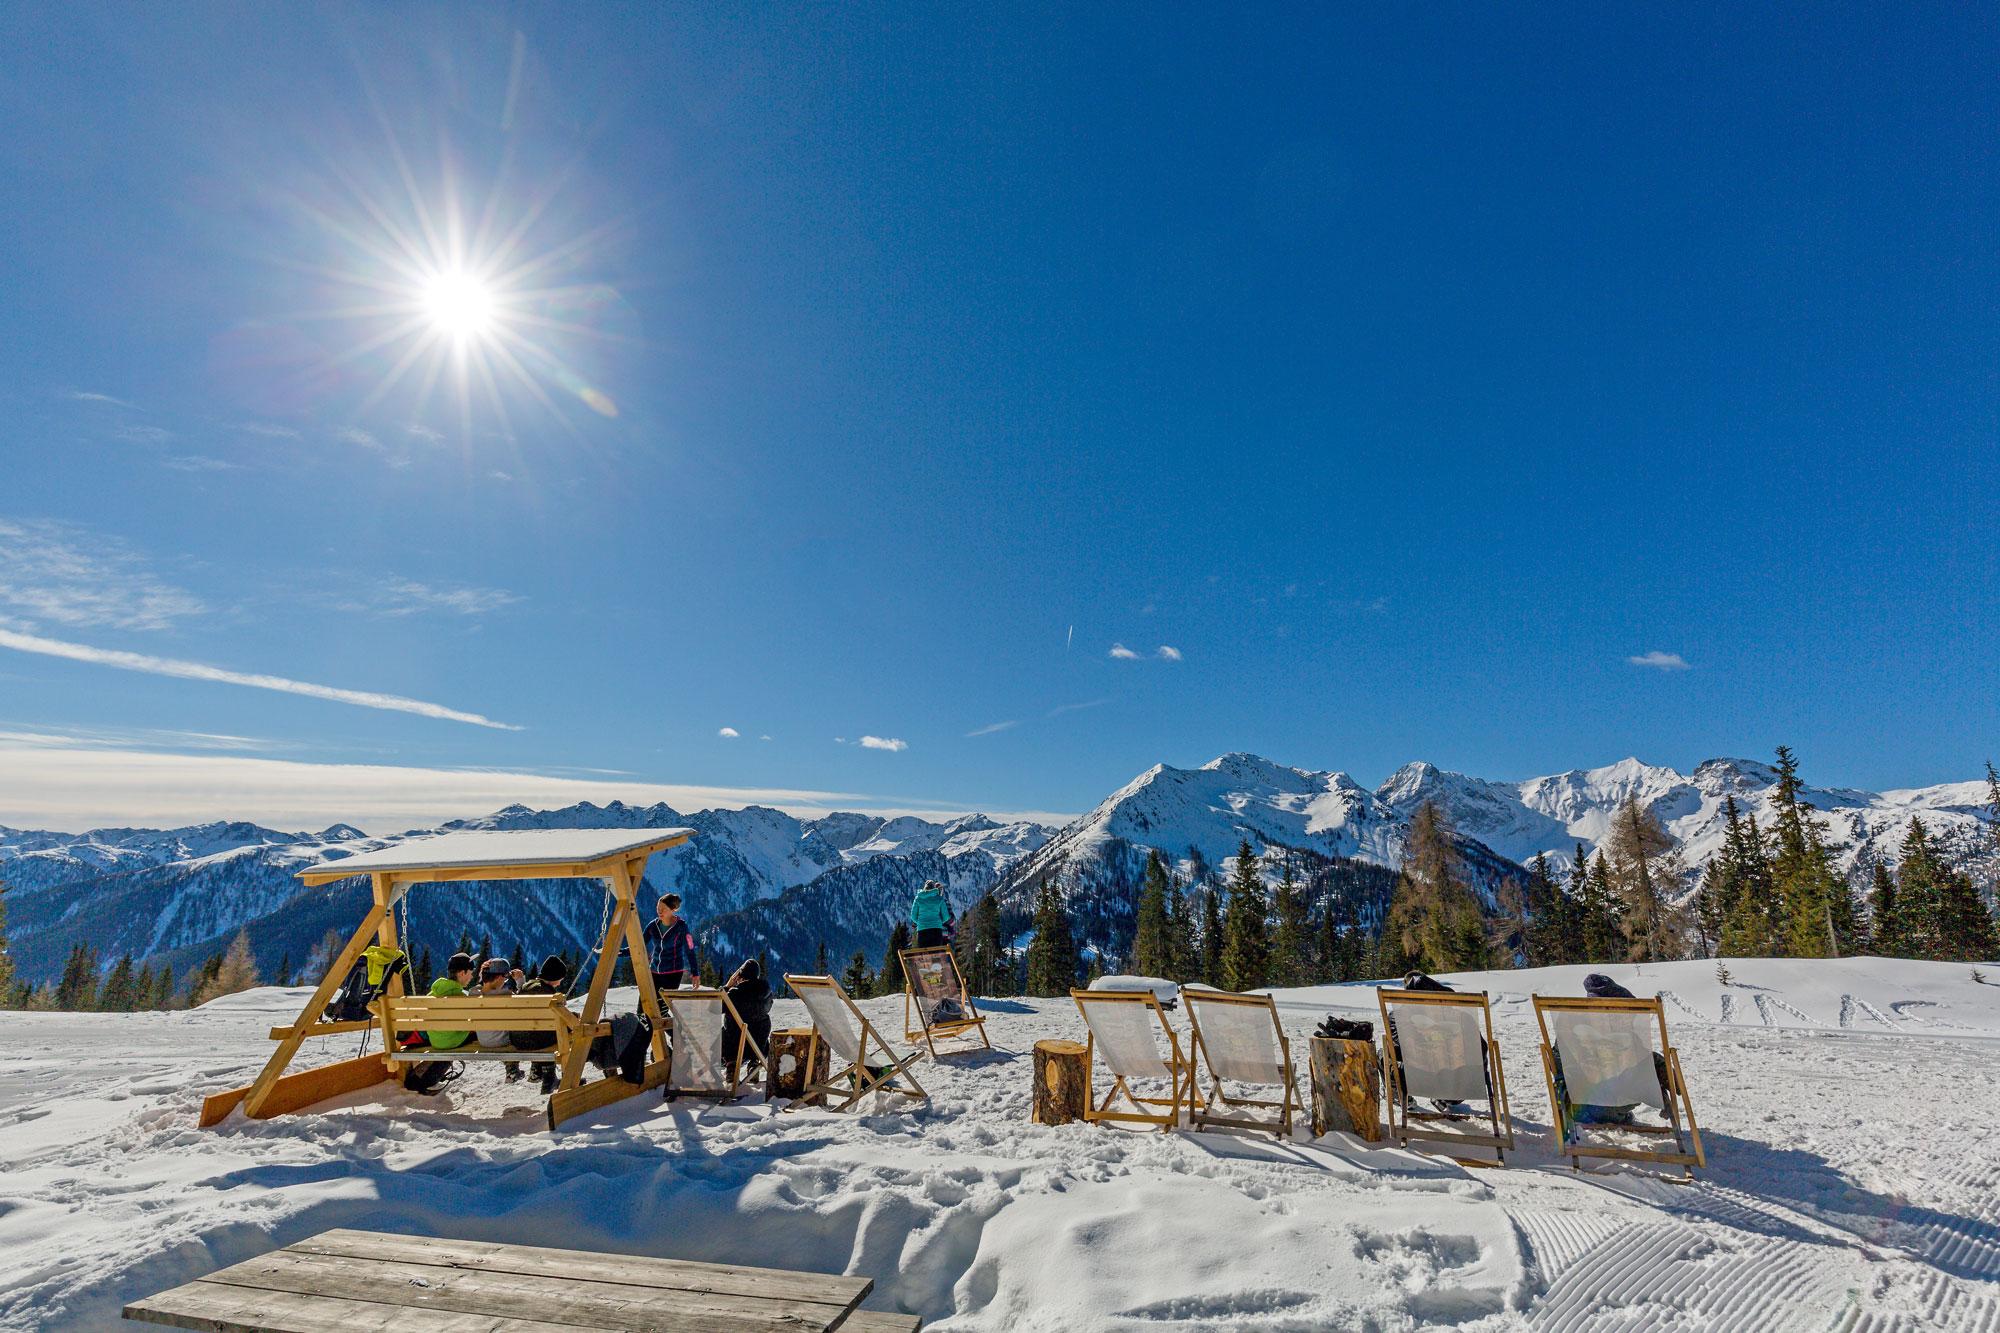 Das schönste Open-Air-Panorama zum Genießen: hochalpine Bergkulisse im Winter © Tourismusverband Osttirol, Jean Paul Bardelot